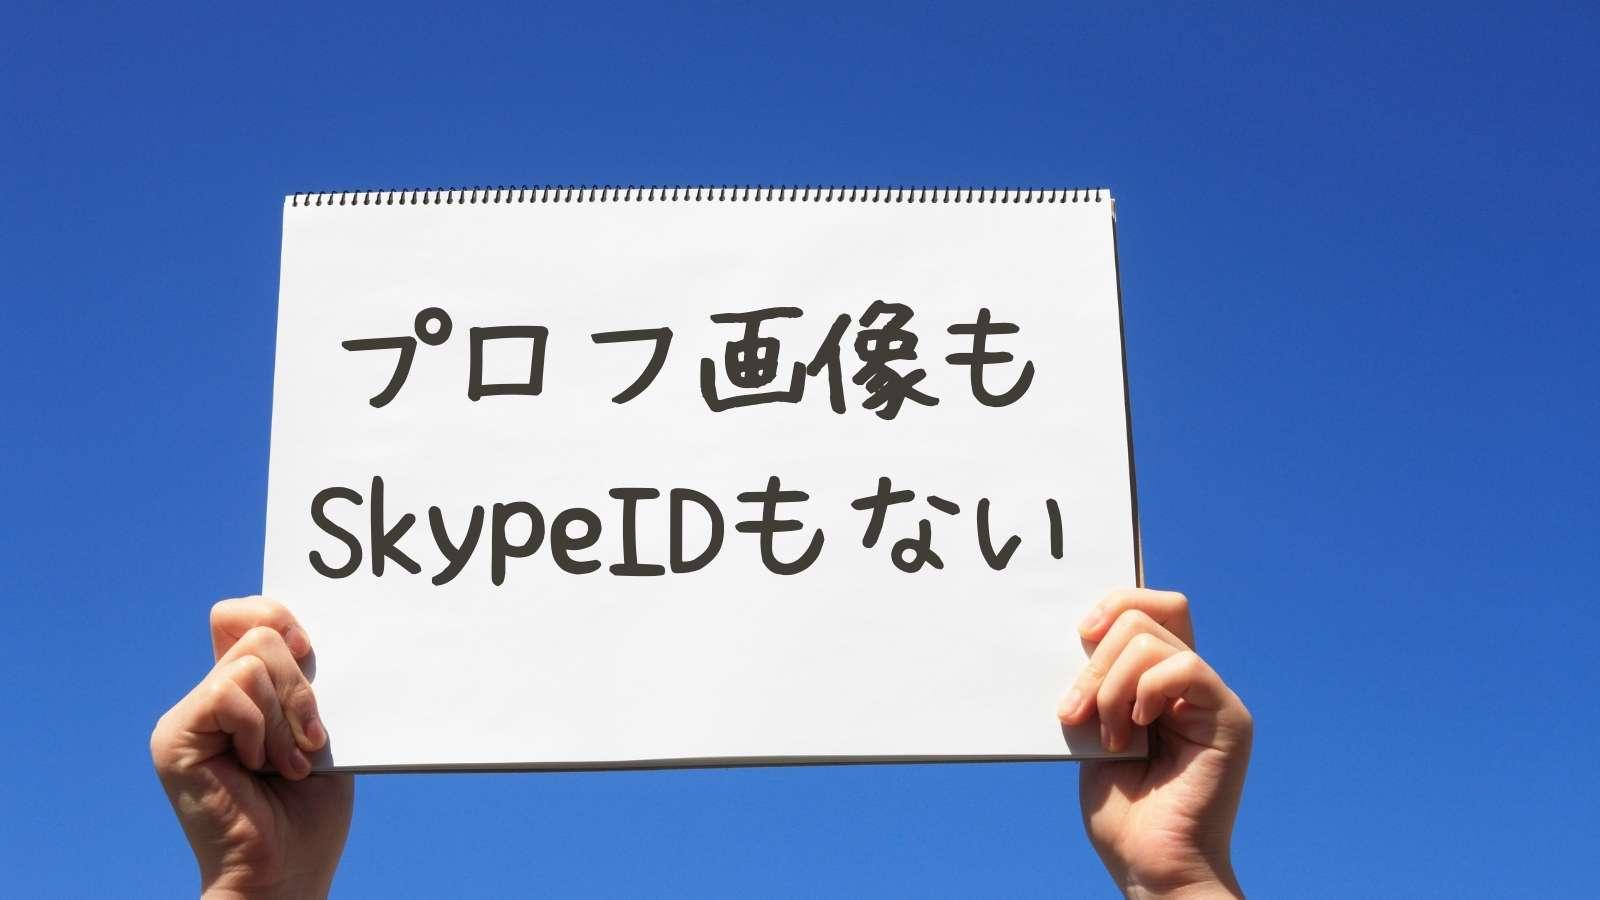 プロフ画像もSkypeIDもない